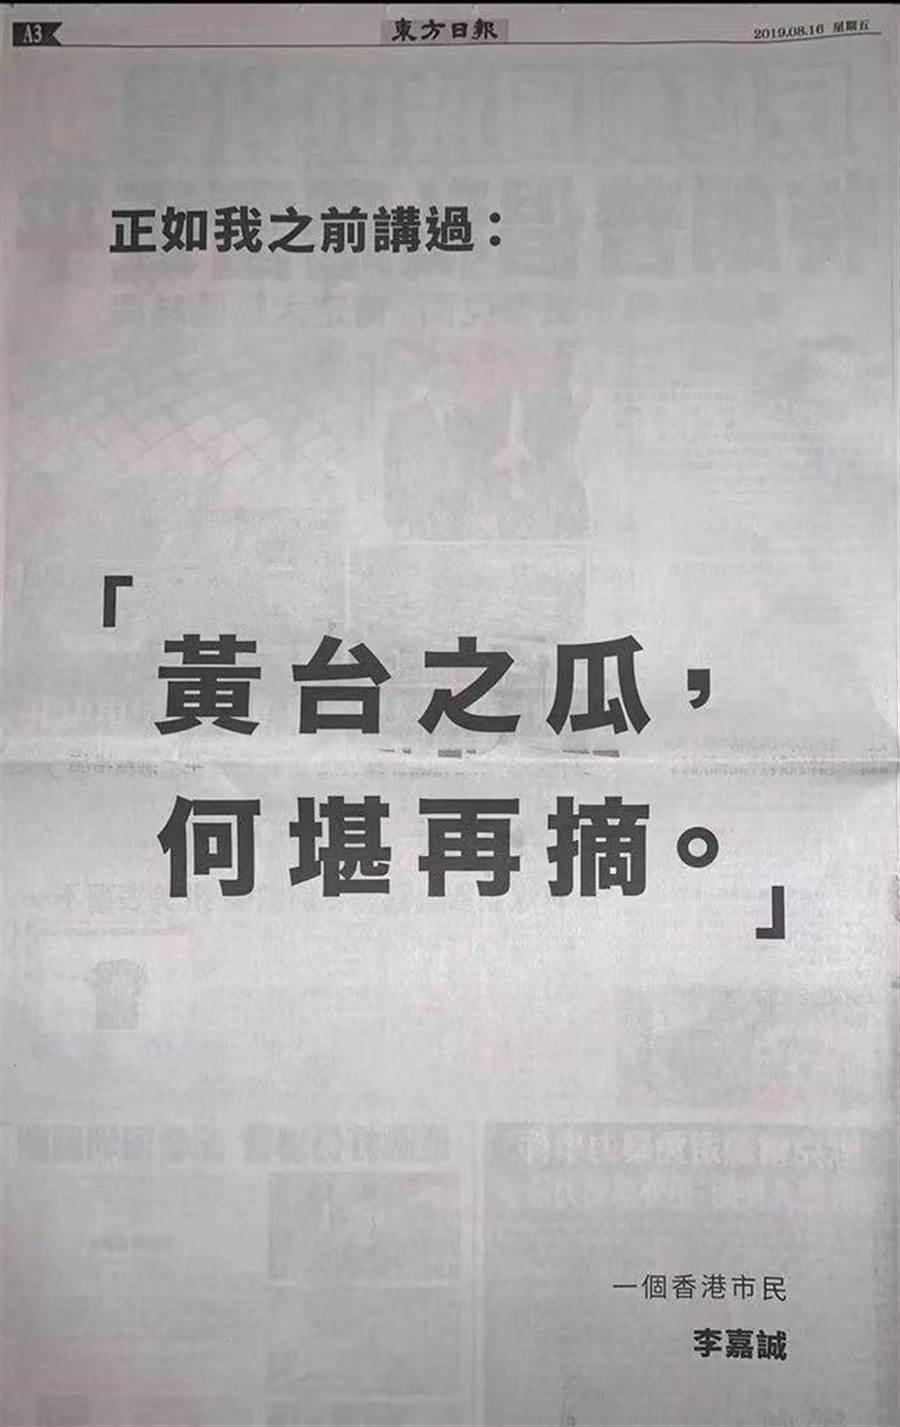 李嘉誠廣告。(圖/中時資料照)